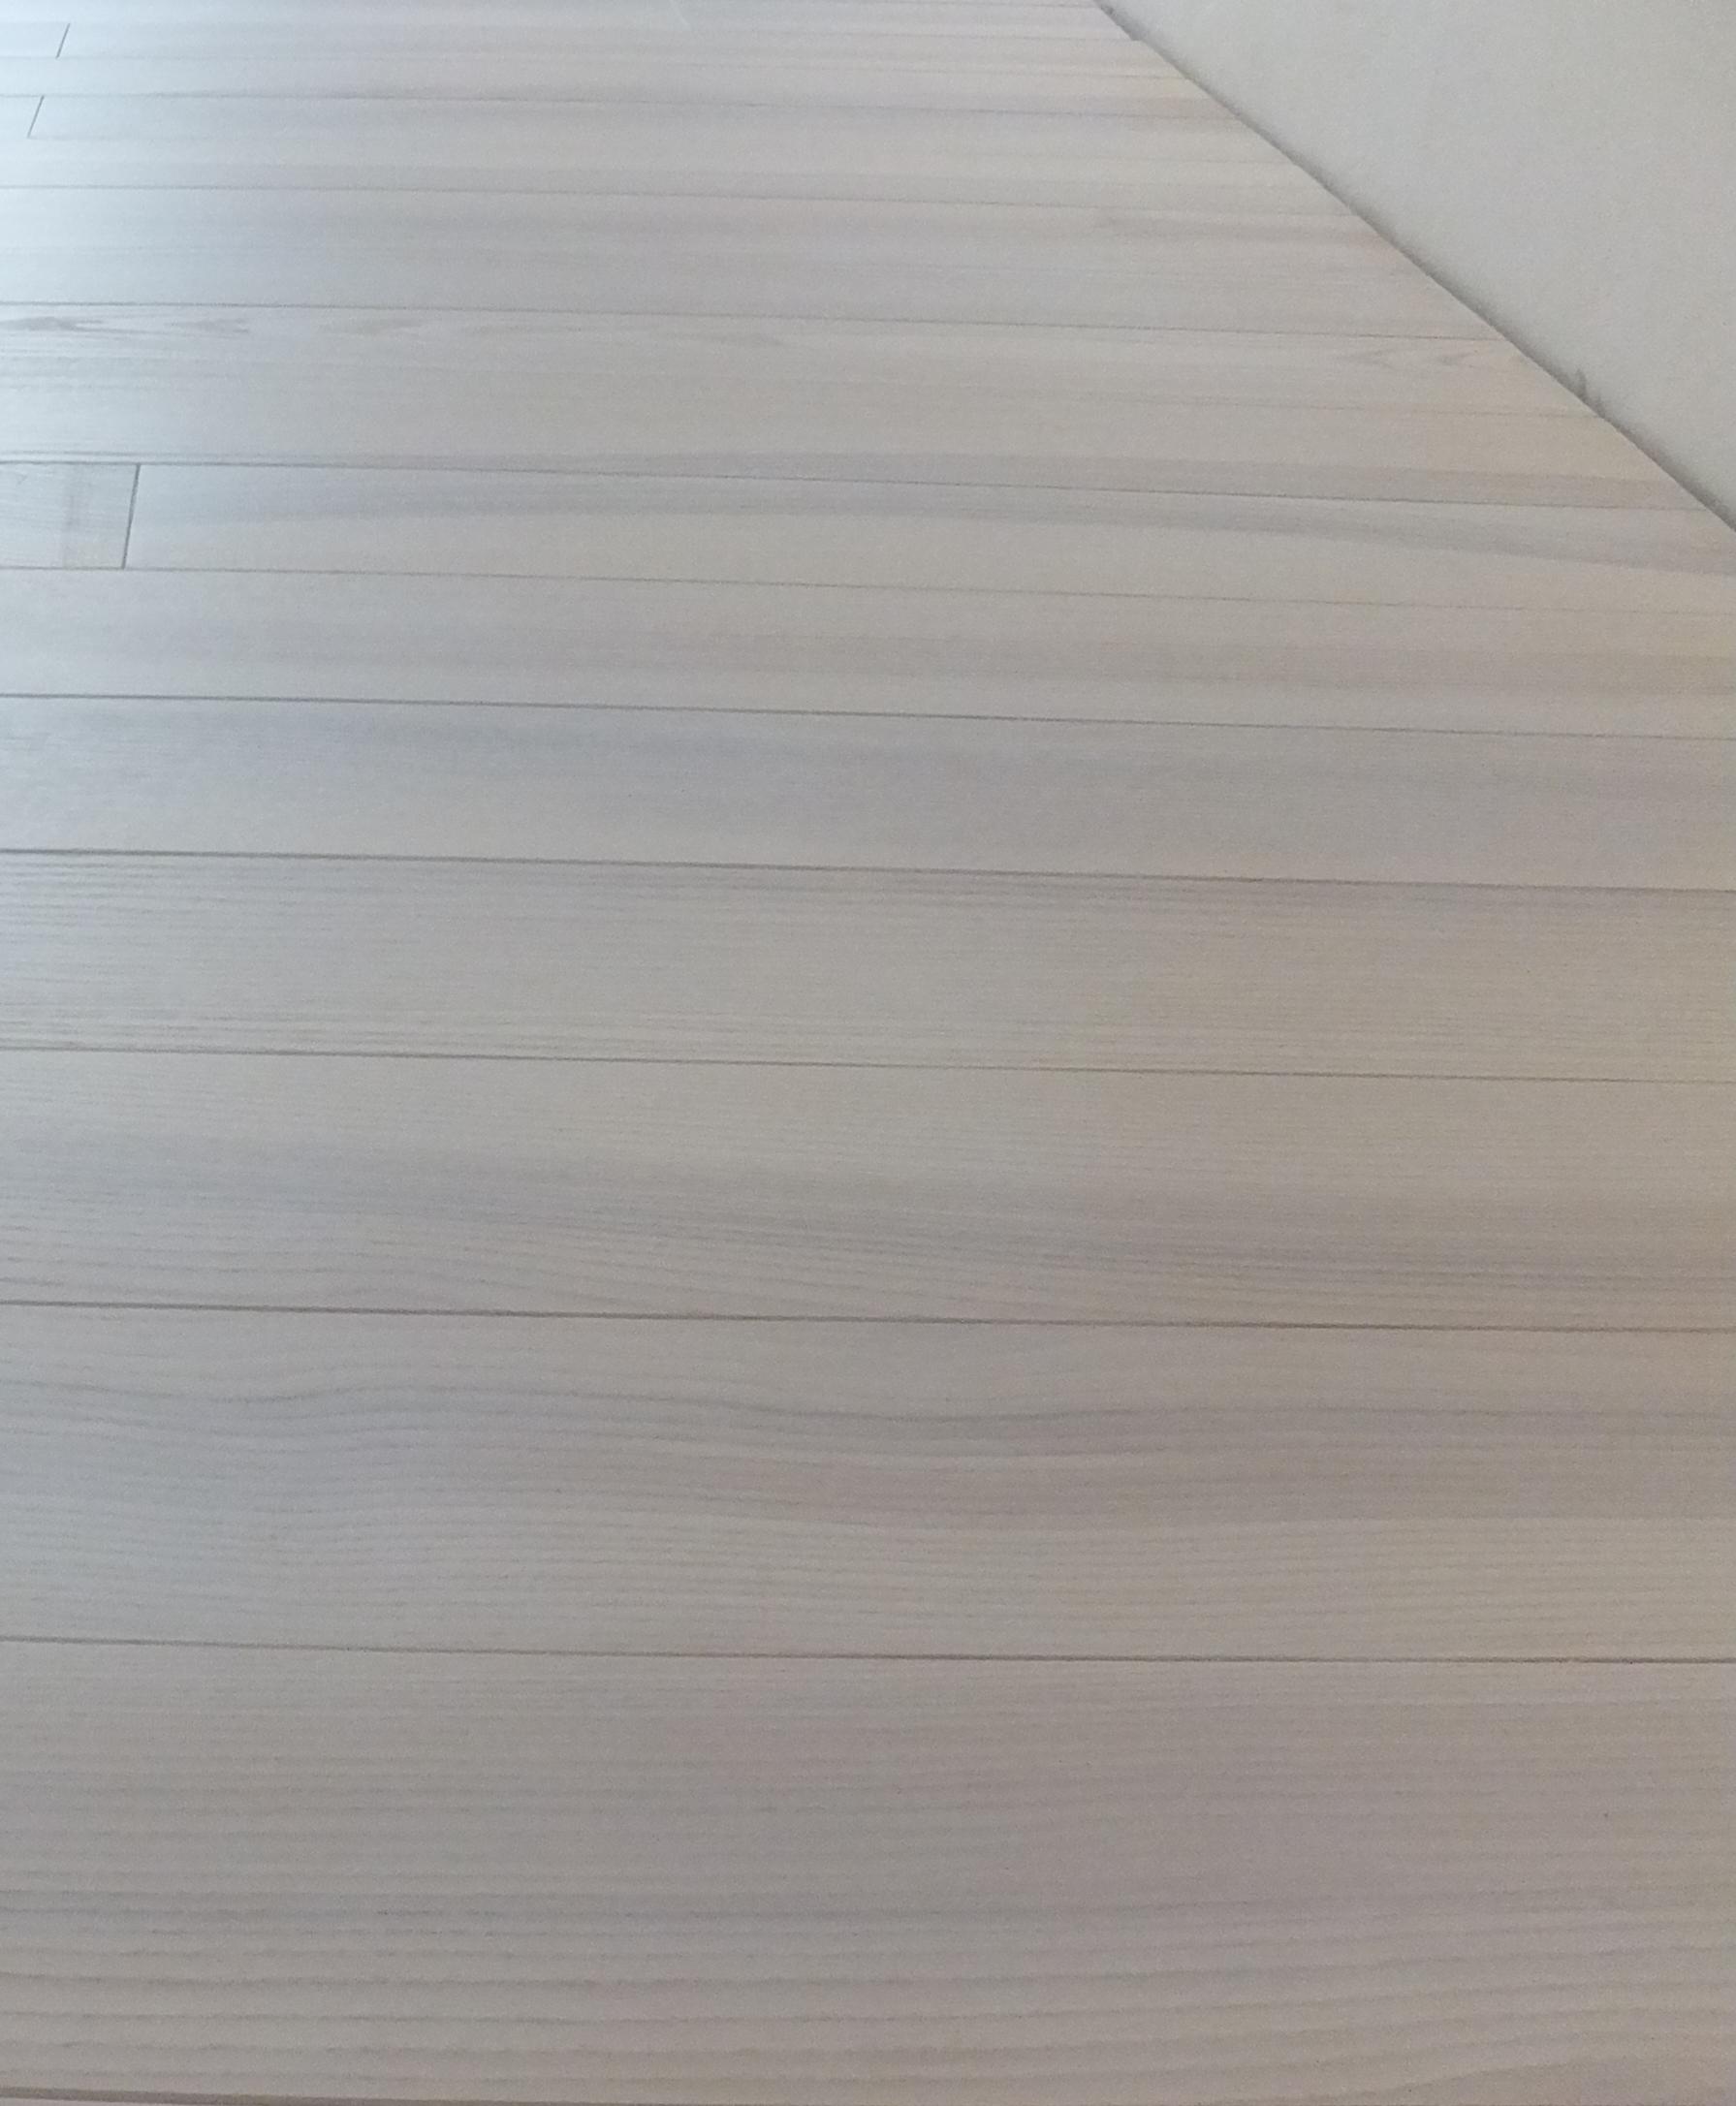 Результат нанесения на гладкую поверхность